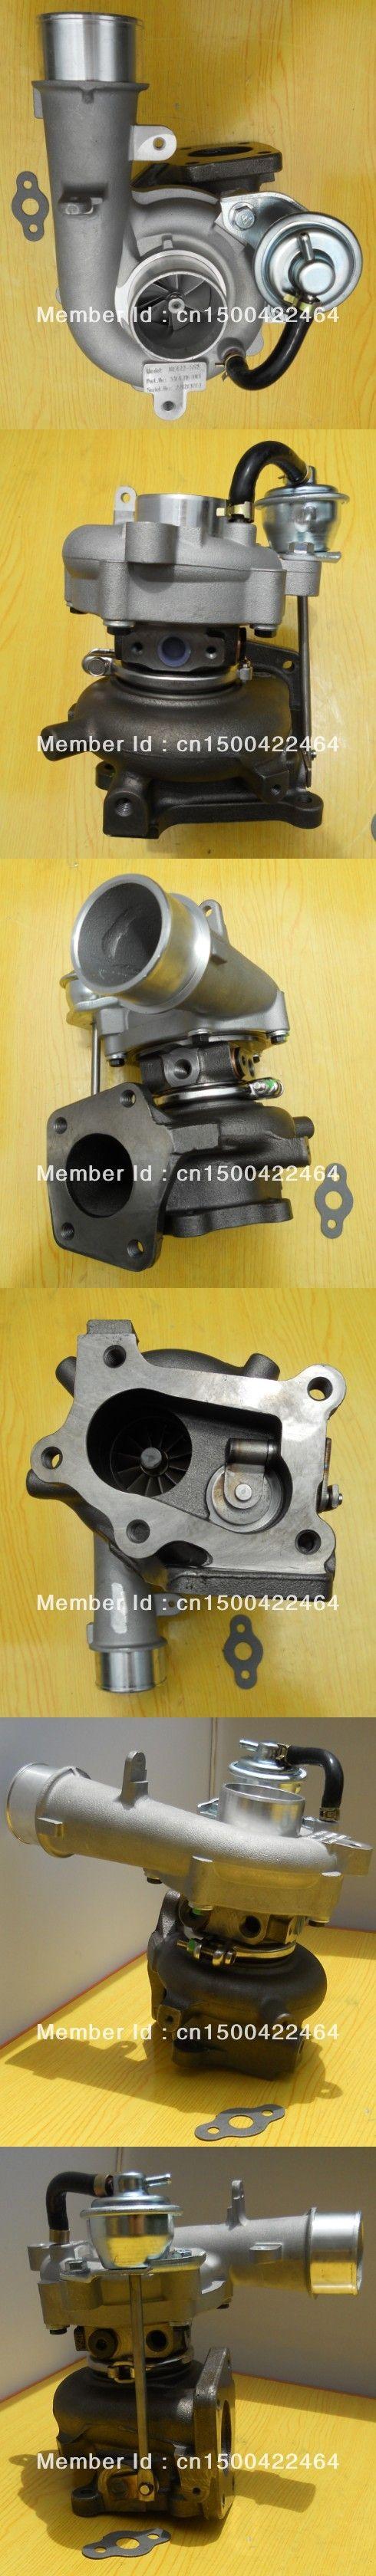 K0422-882 L3M713700C L3M713700D turbo turbocharger for Mazda3 2.3 MZR DISI 260HP DISI EU Mazda6 Mazda CX-7 Mazda6 MZR DISI 260HP